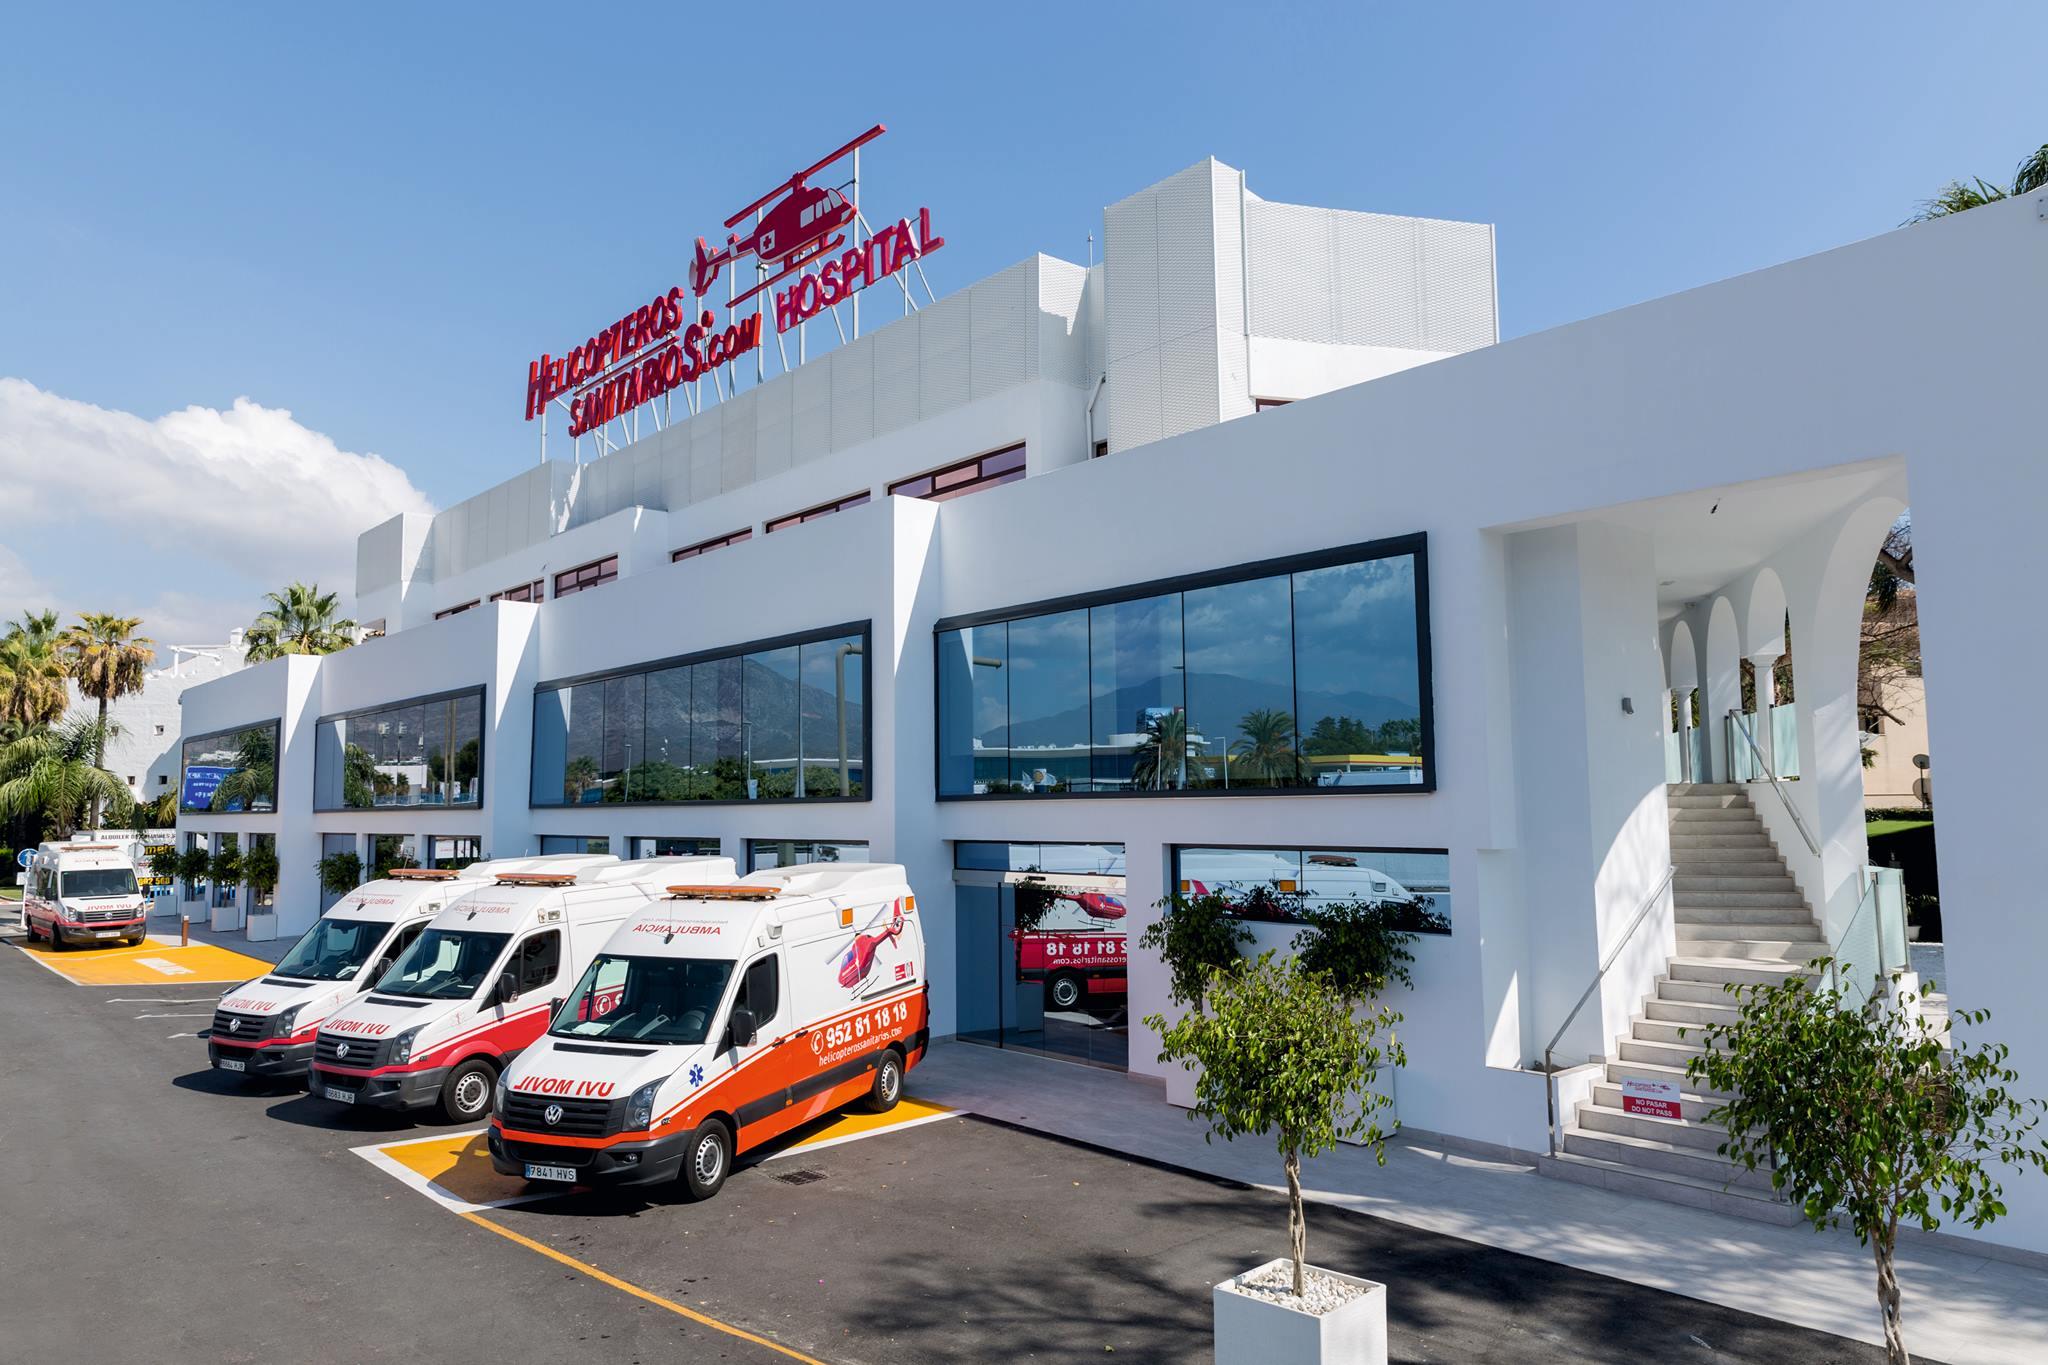 HELICOPTEROS SANITARIOS HOSPITAL   Puerto Banús - Marbella